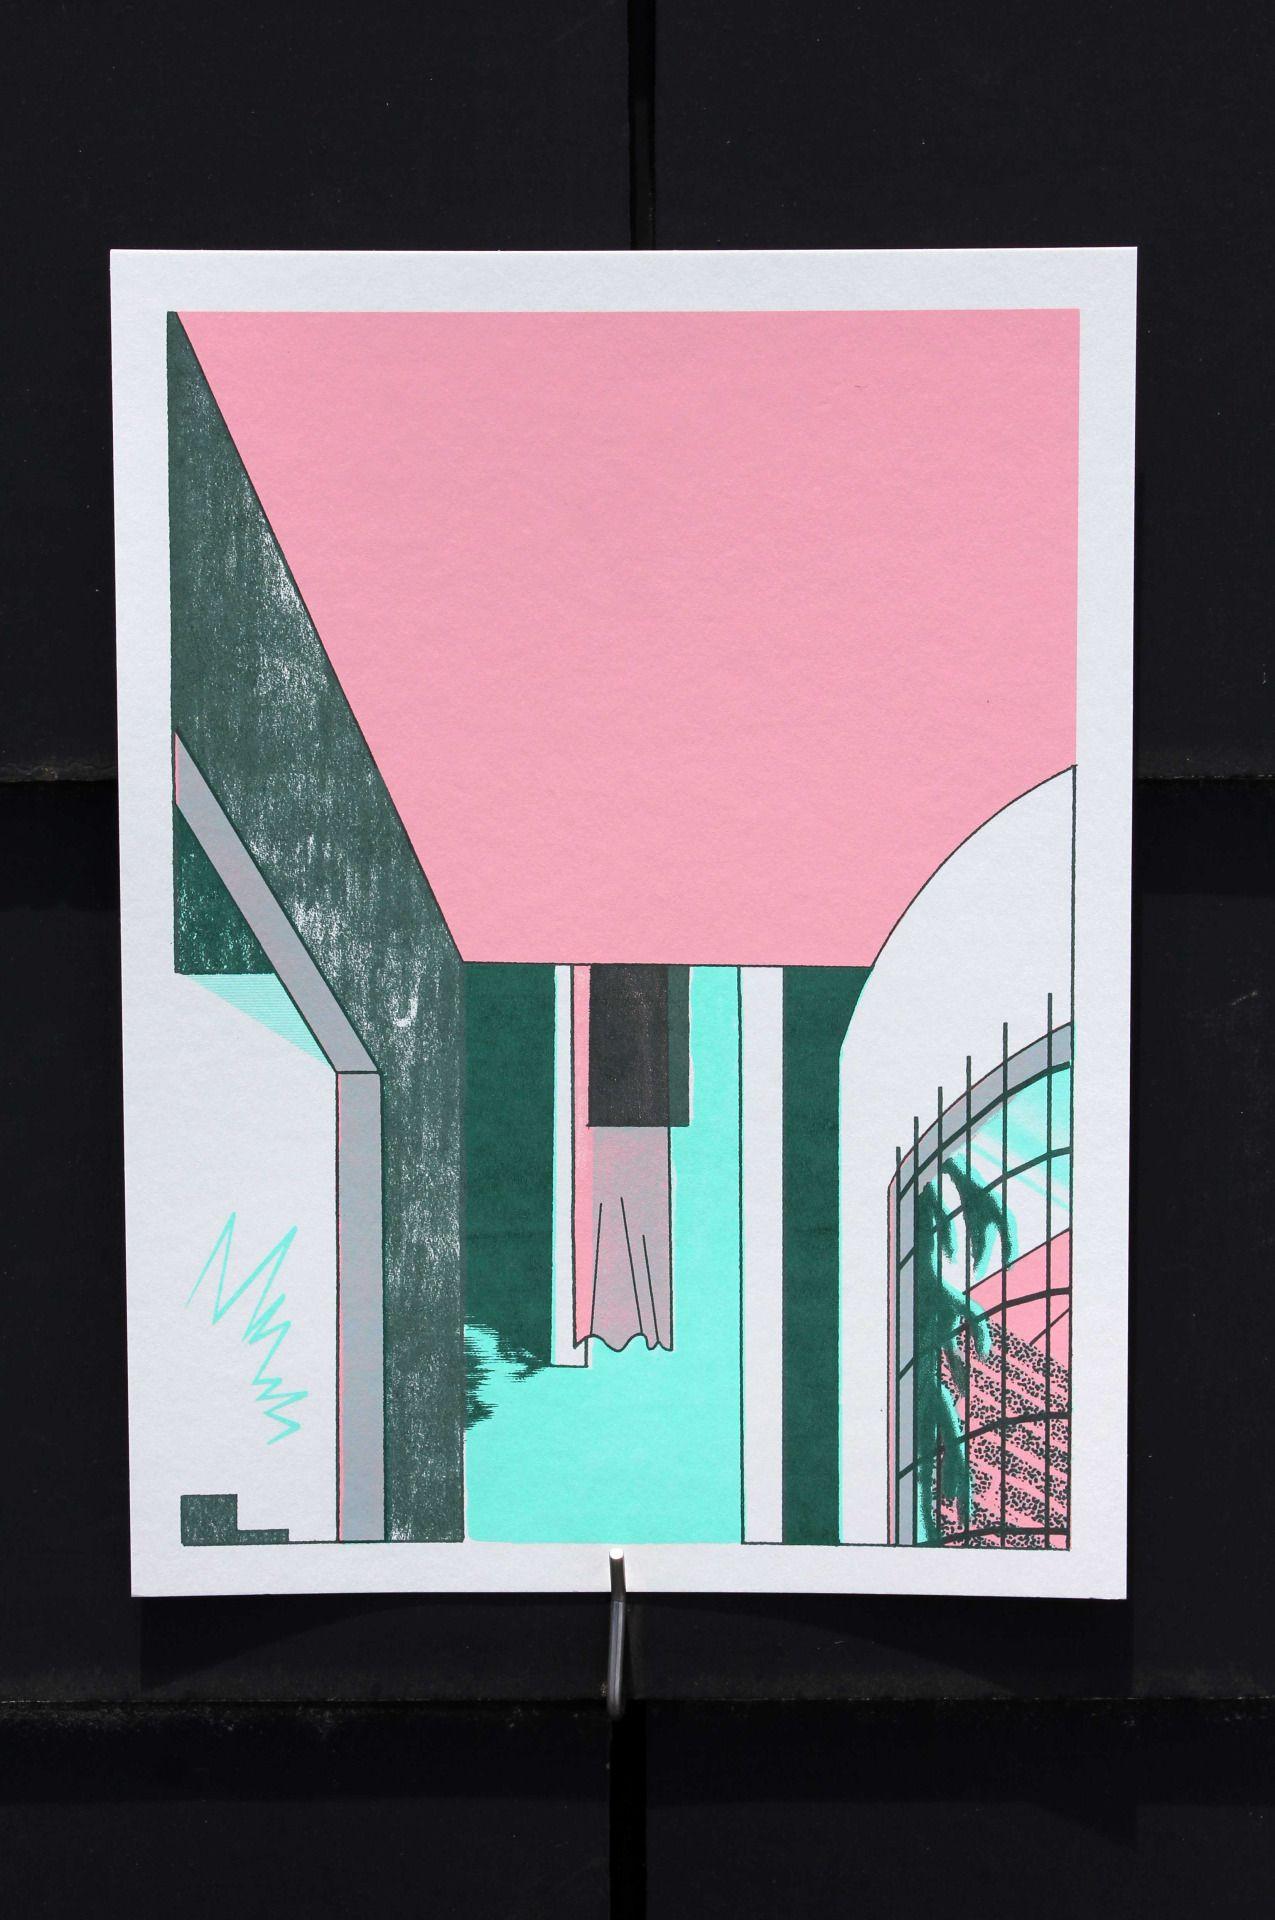 Poster maison pièce du bout choisi ta porte mais où est la clef de la porte 4 colors screen printed images 16x24 price 10€ unity